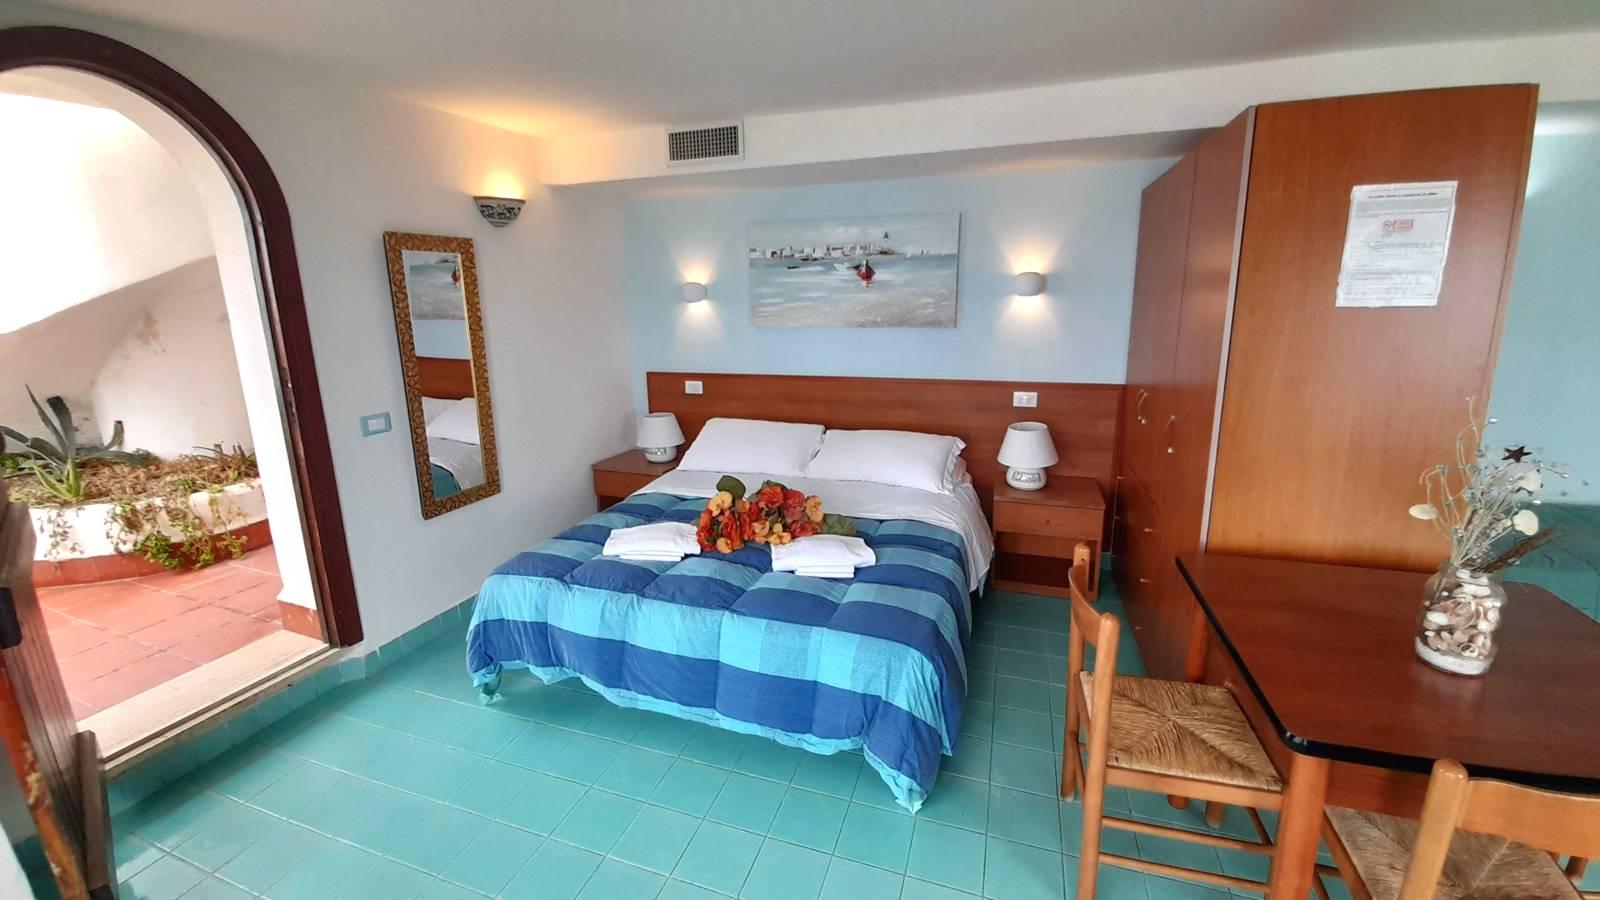 elianto_residence_anzio_appartamenti_fronte_mare_hotel_orchidea_interno_26